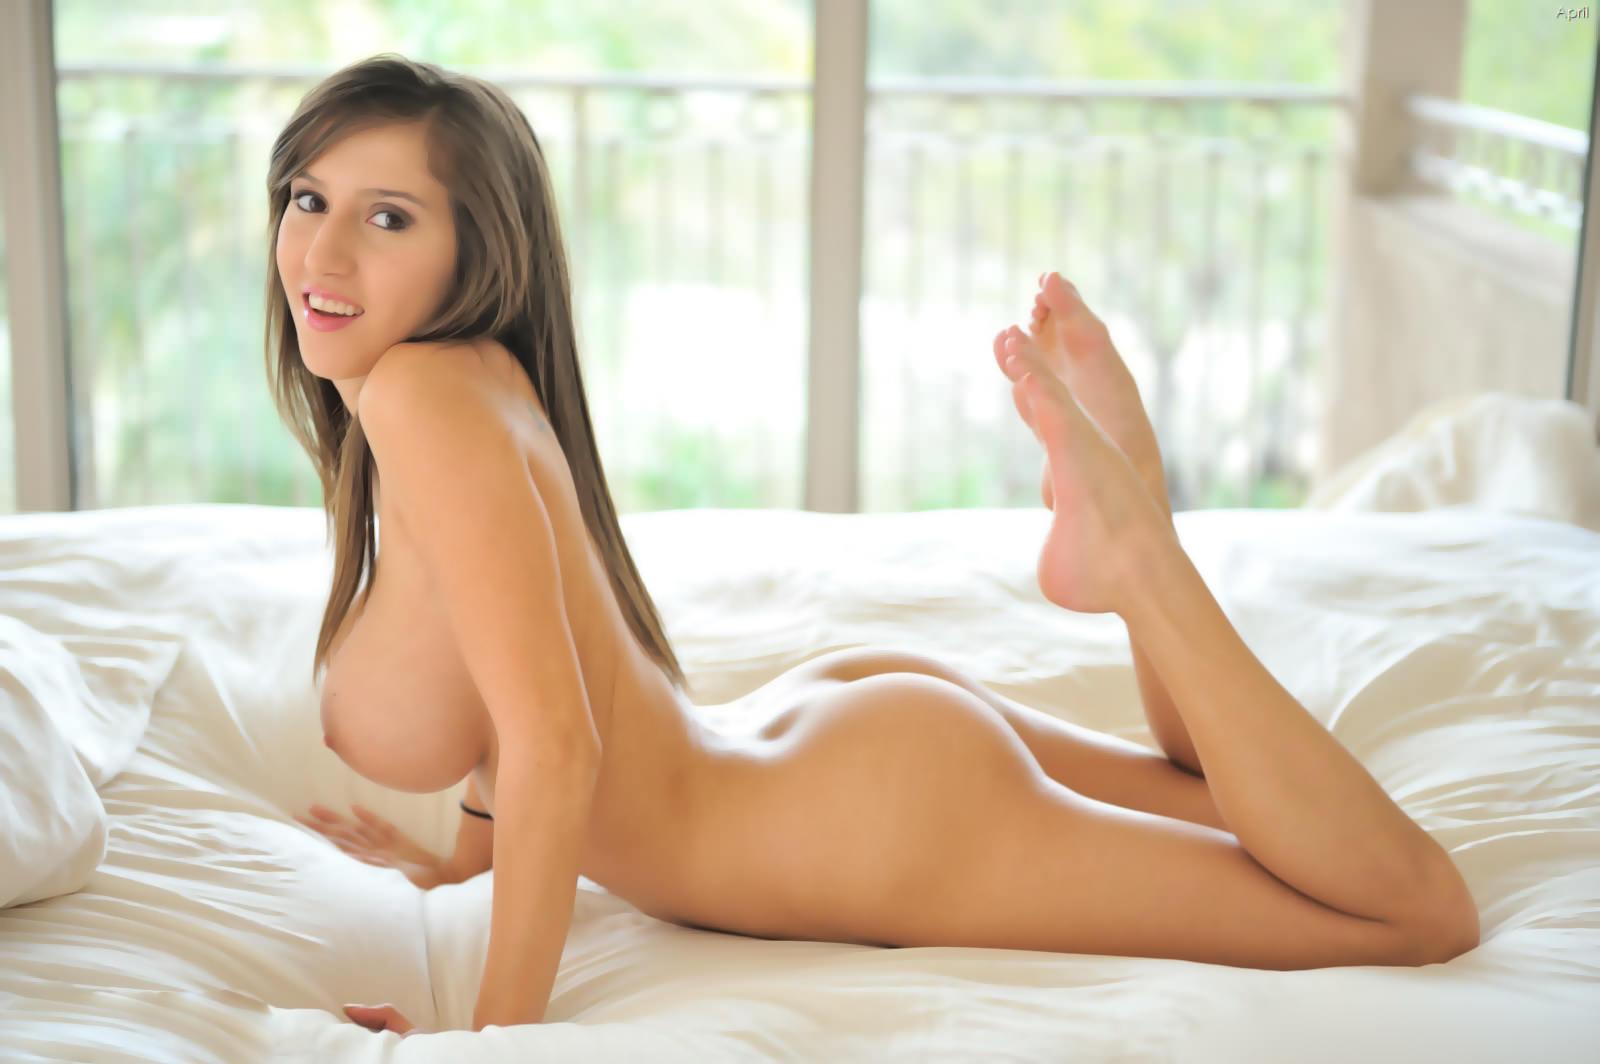 Фото секса девушек с большой грудью 21 фотография